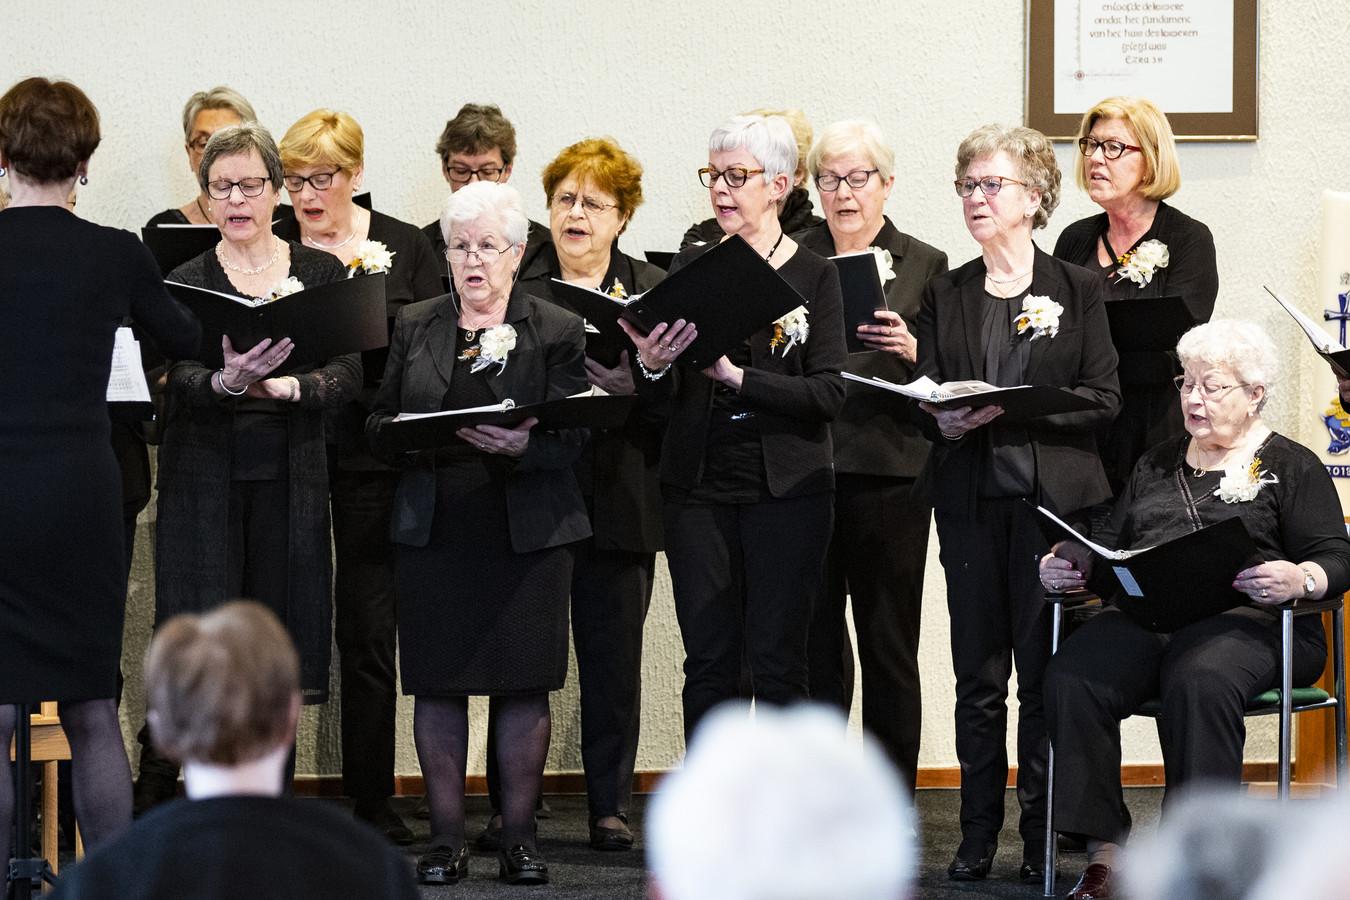 Korenfestival in Wierden met optredens van 6 koren uit Wierden en Enter. O)p de foto het vrouwenkoor uit Wierden in actie